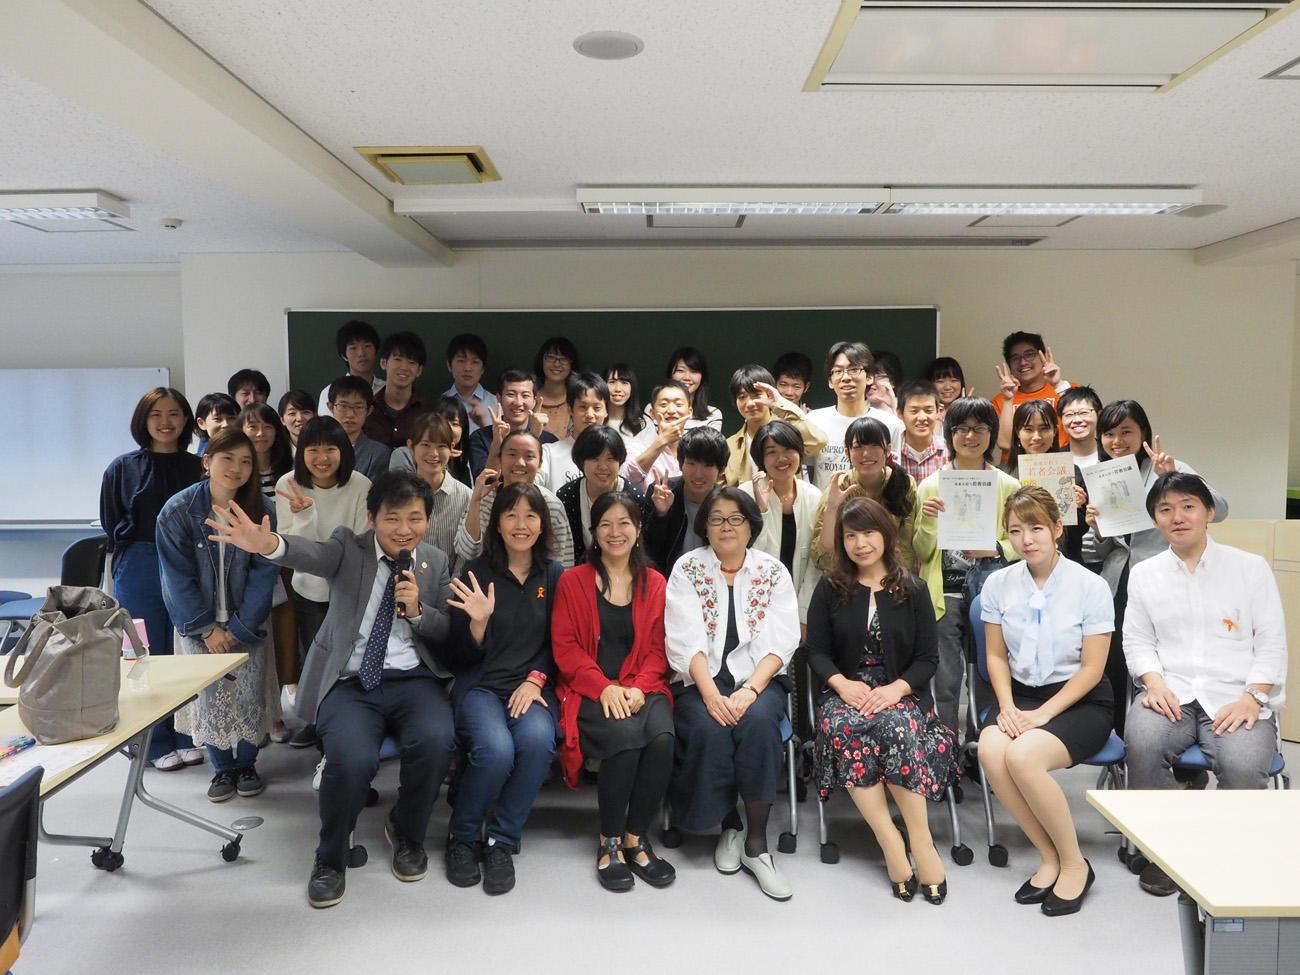 http://www.orangeribbon.jp/info/organization/PA083128.jpg